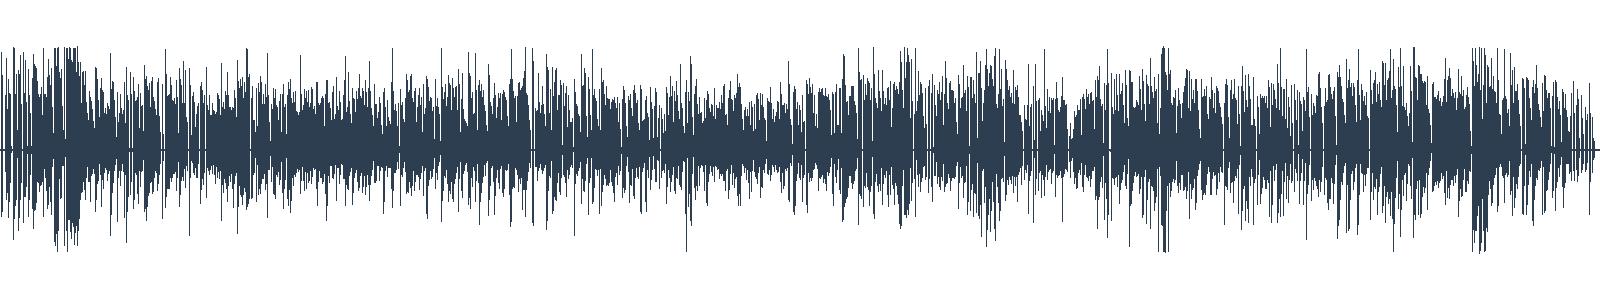 Dominik Dán - Korene zla waveform